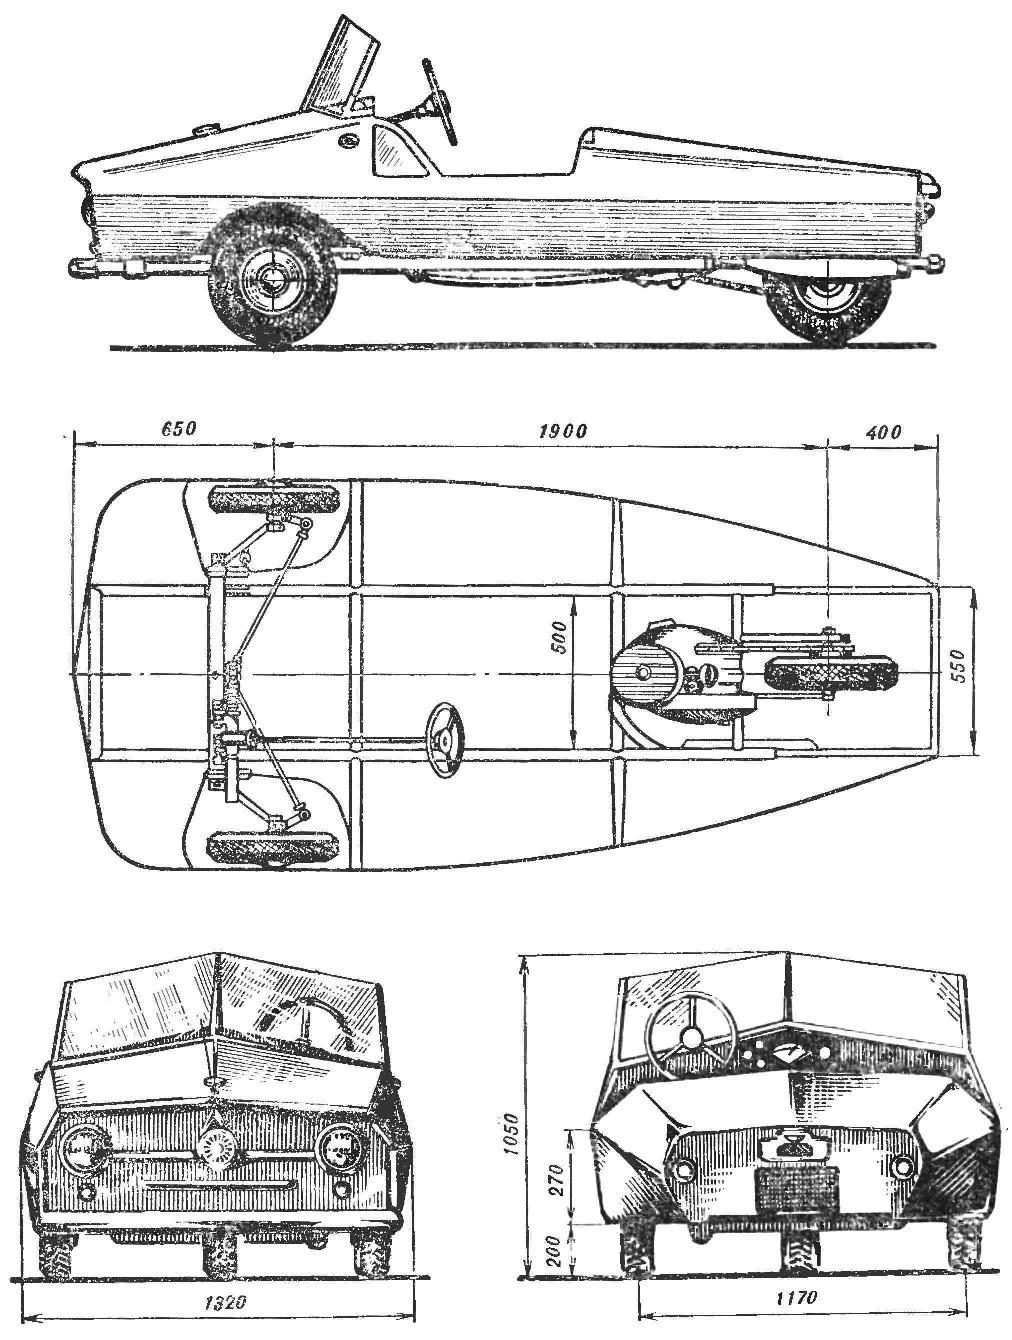 Рис. 1. Схематический чертеж трицикла: вид сбоку, сверху, спереди и сзади.